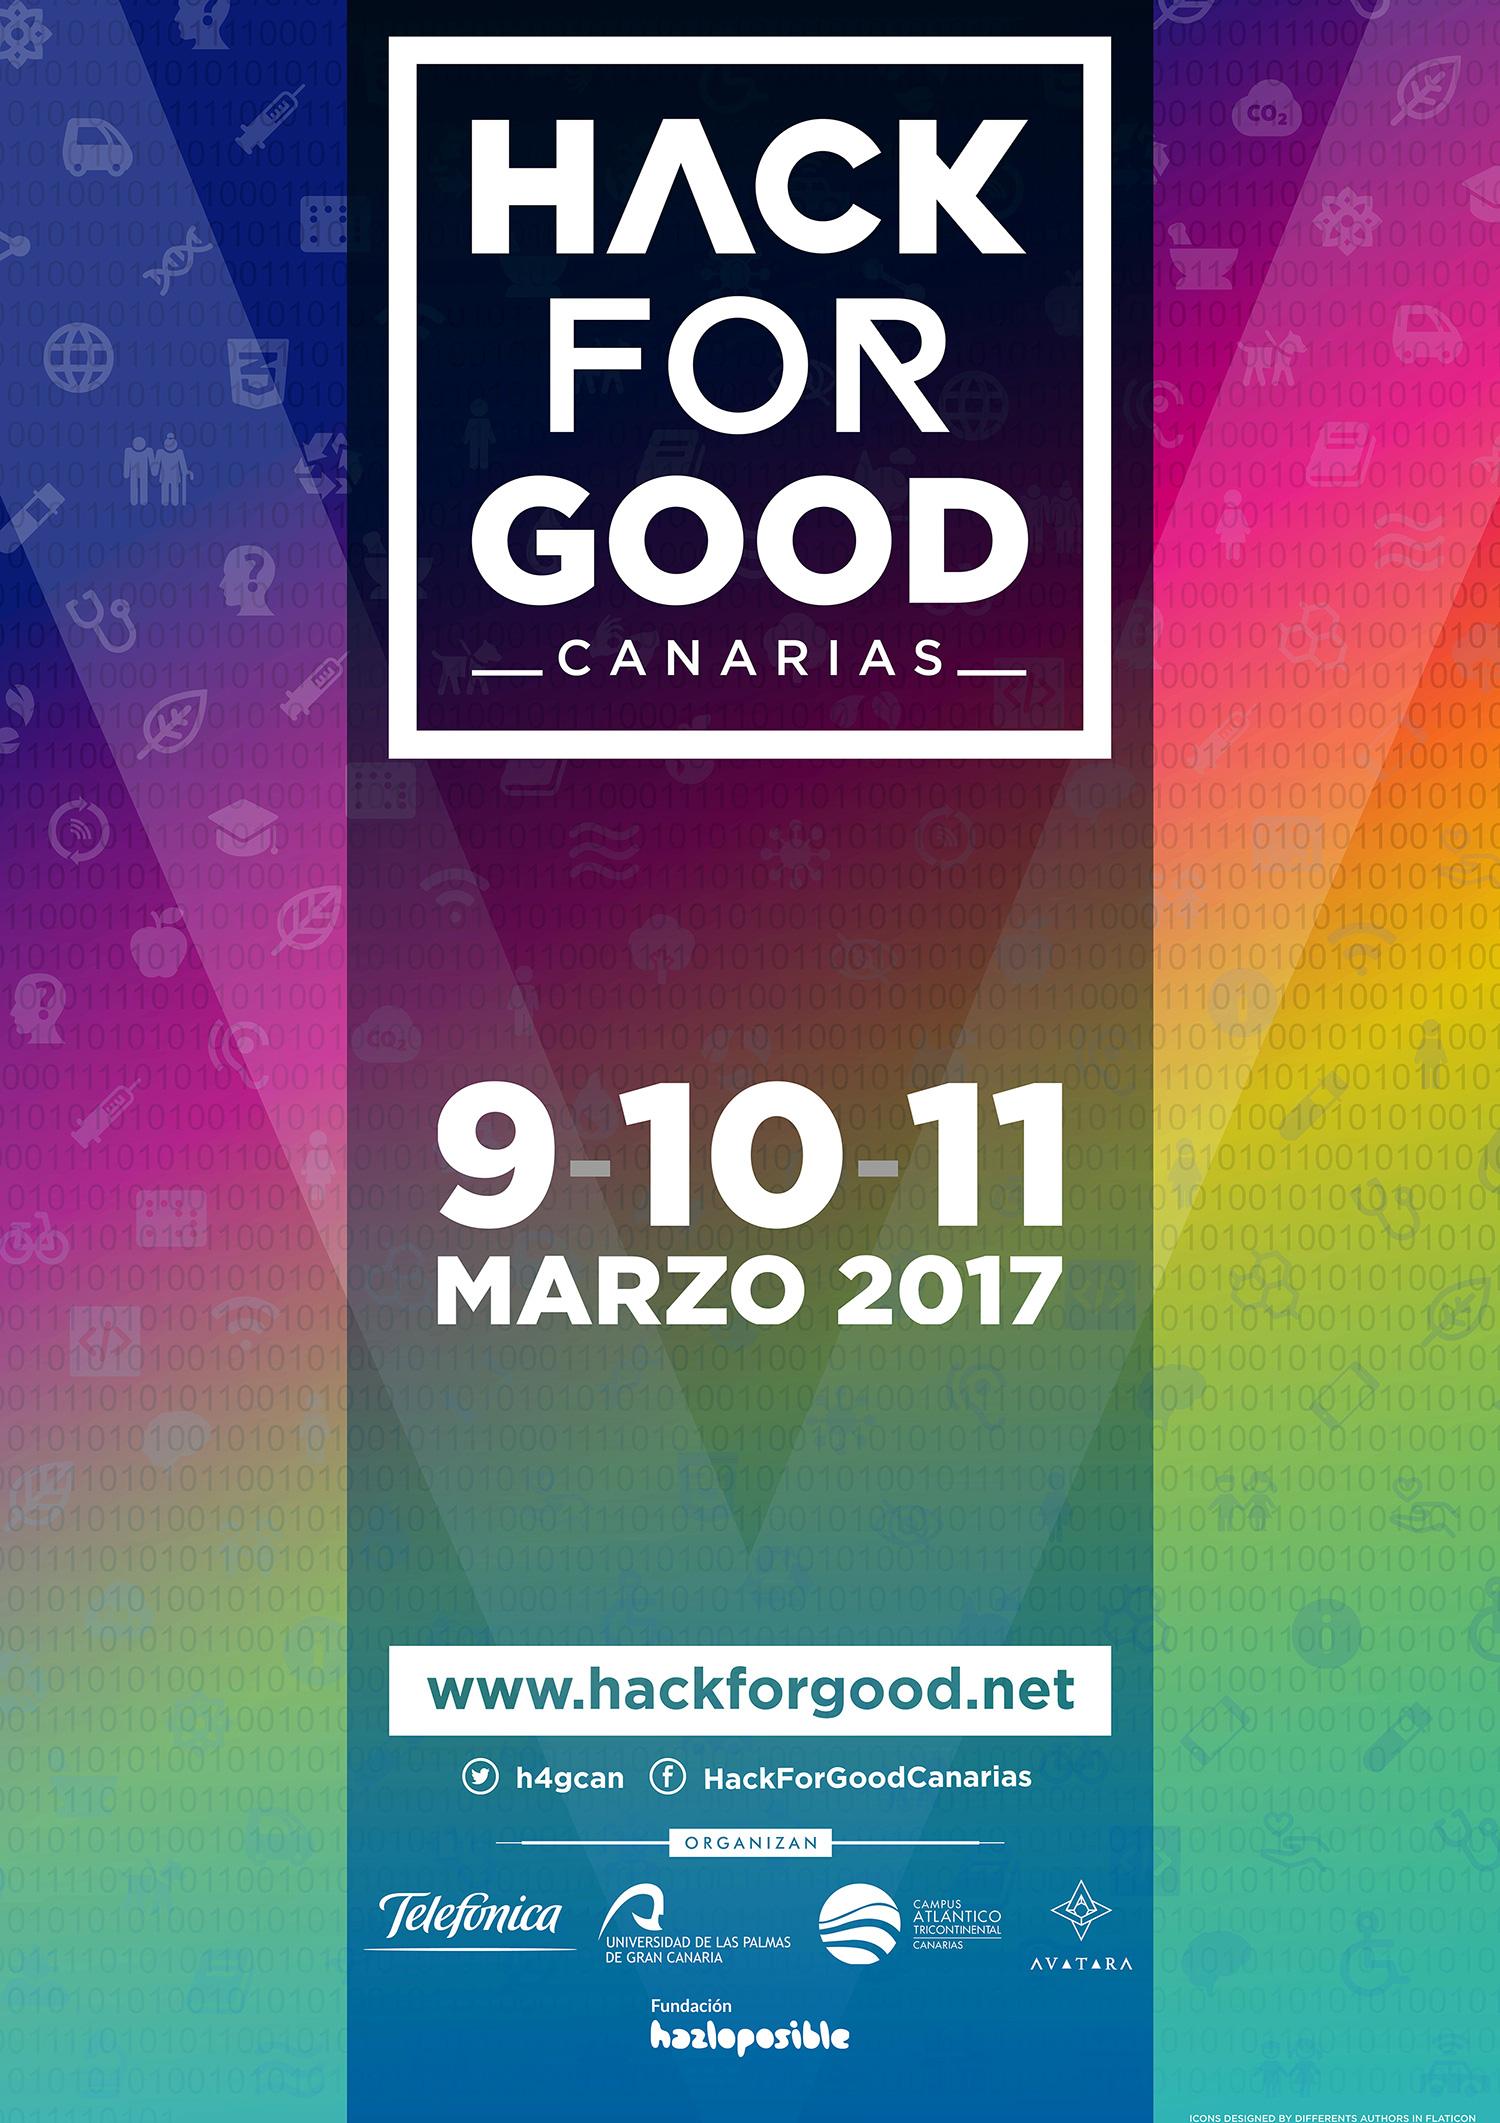 La ULPGC acoge, por quinto año consecutivo, el HackForGood Canarias en busca de soluciones tecnológicas que ayuden a mejorar el mundo // CanariasCreativa.com